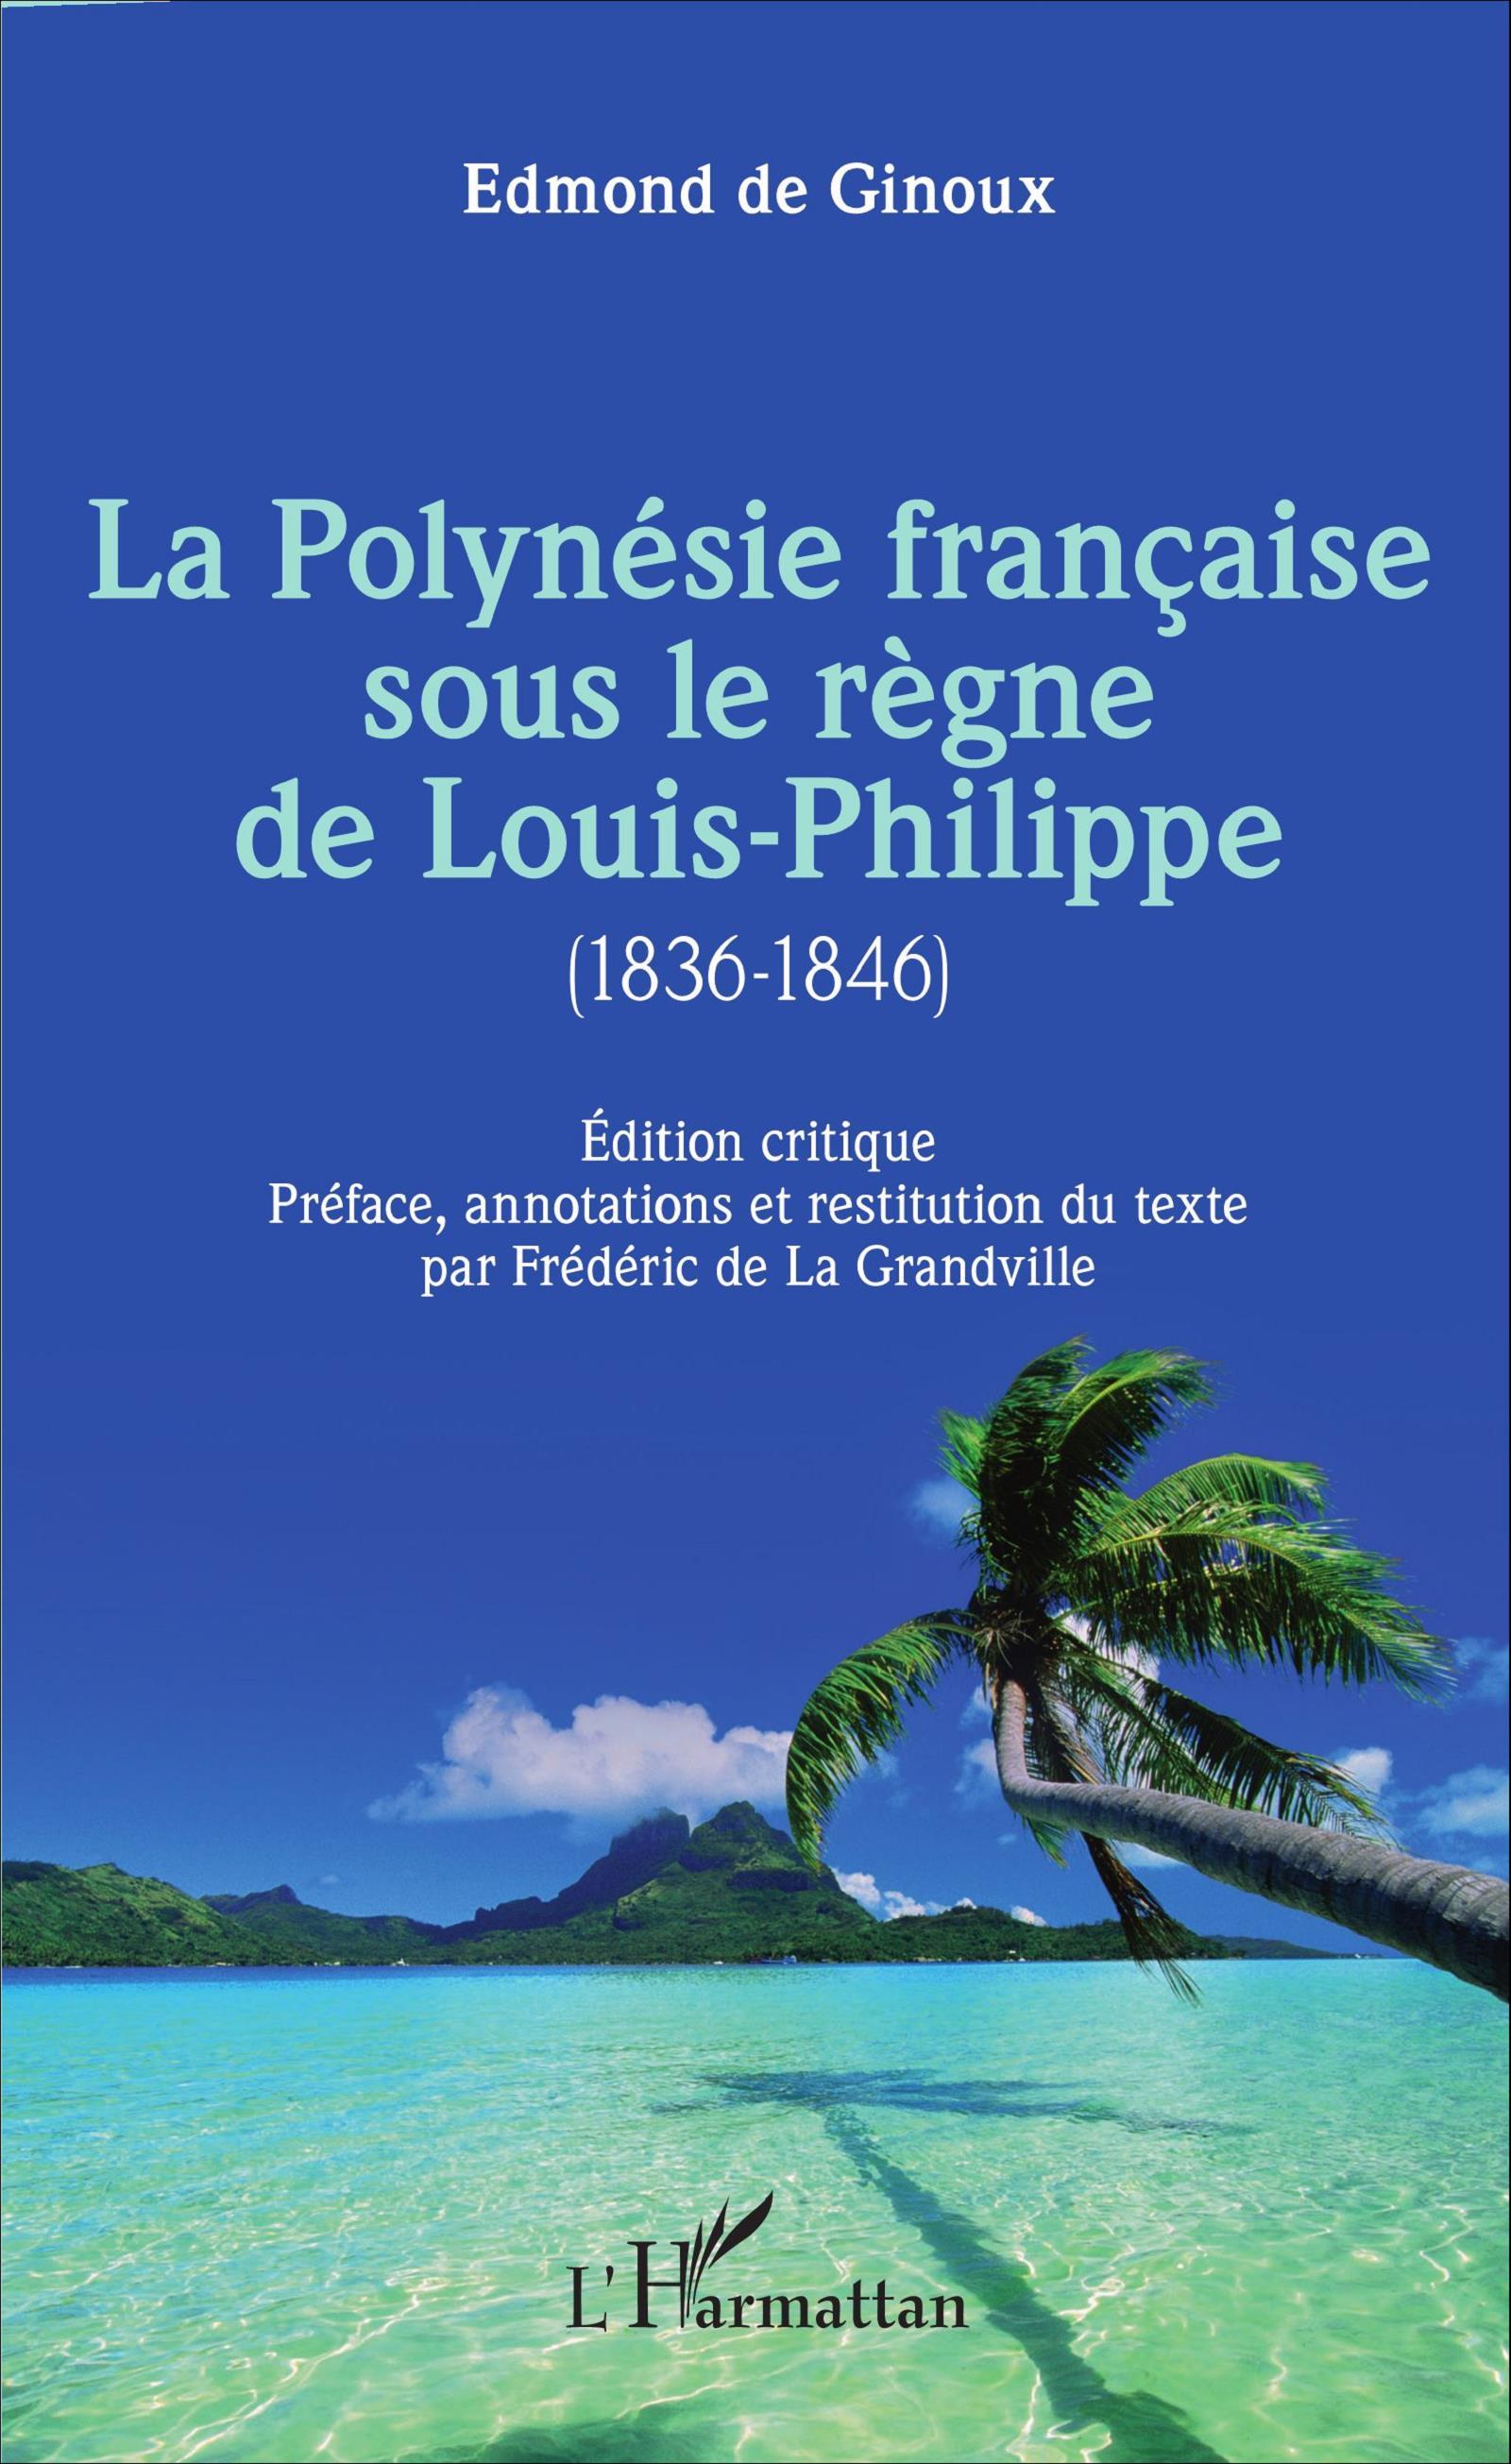 L'organologue Frédéric de la Grandville signe la Polynésie française sous le règne de Louis-Philippe